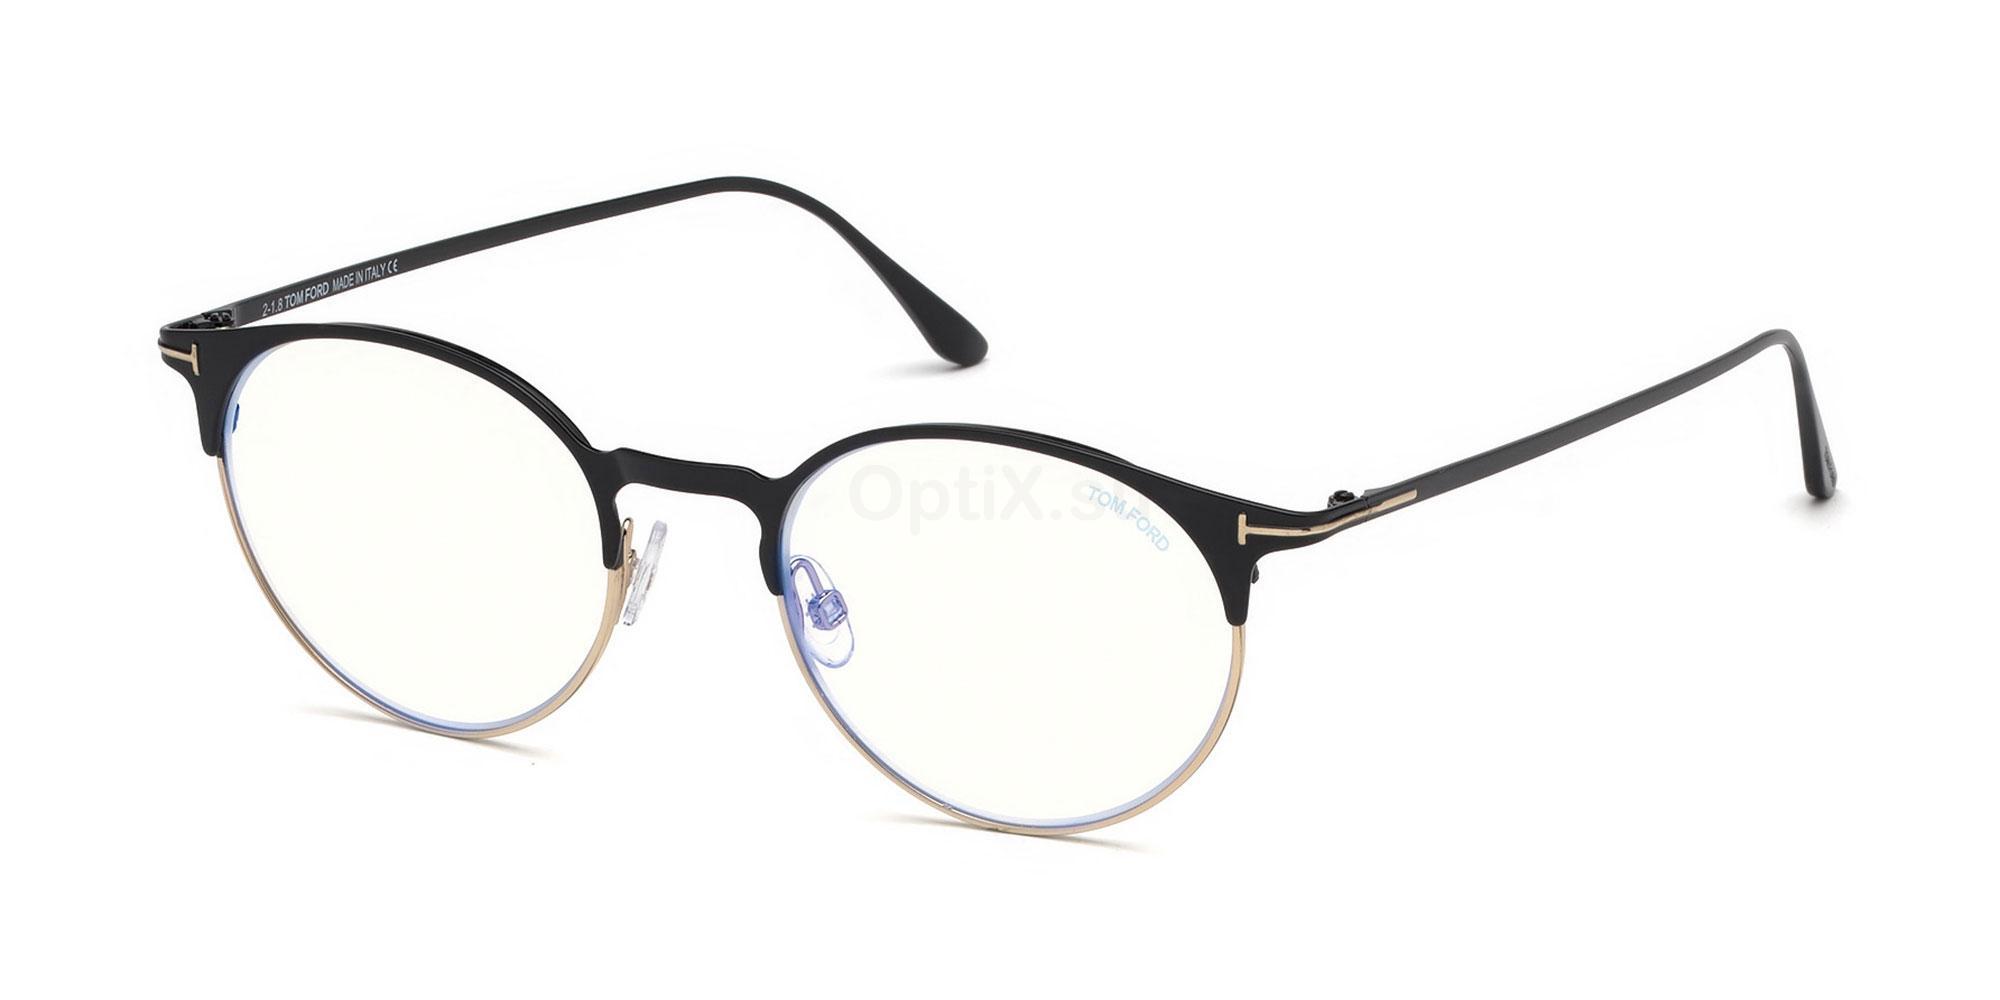 001 FT5548-B Glasses, Tom Ford